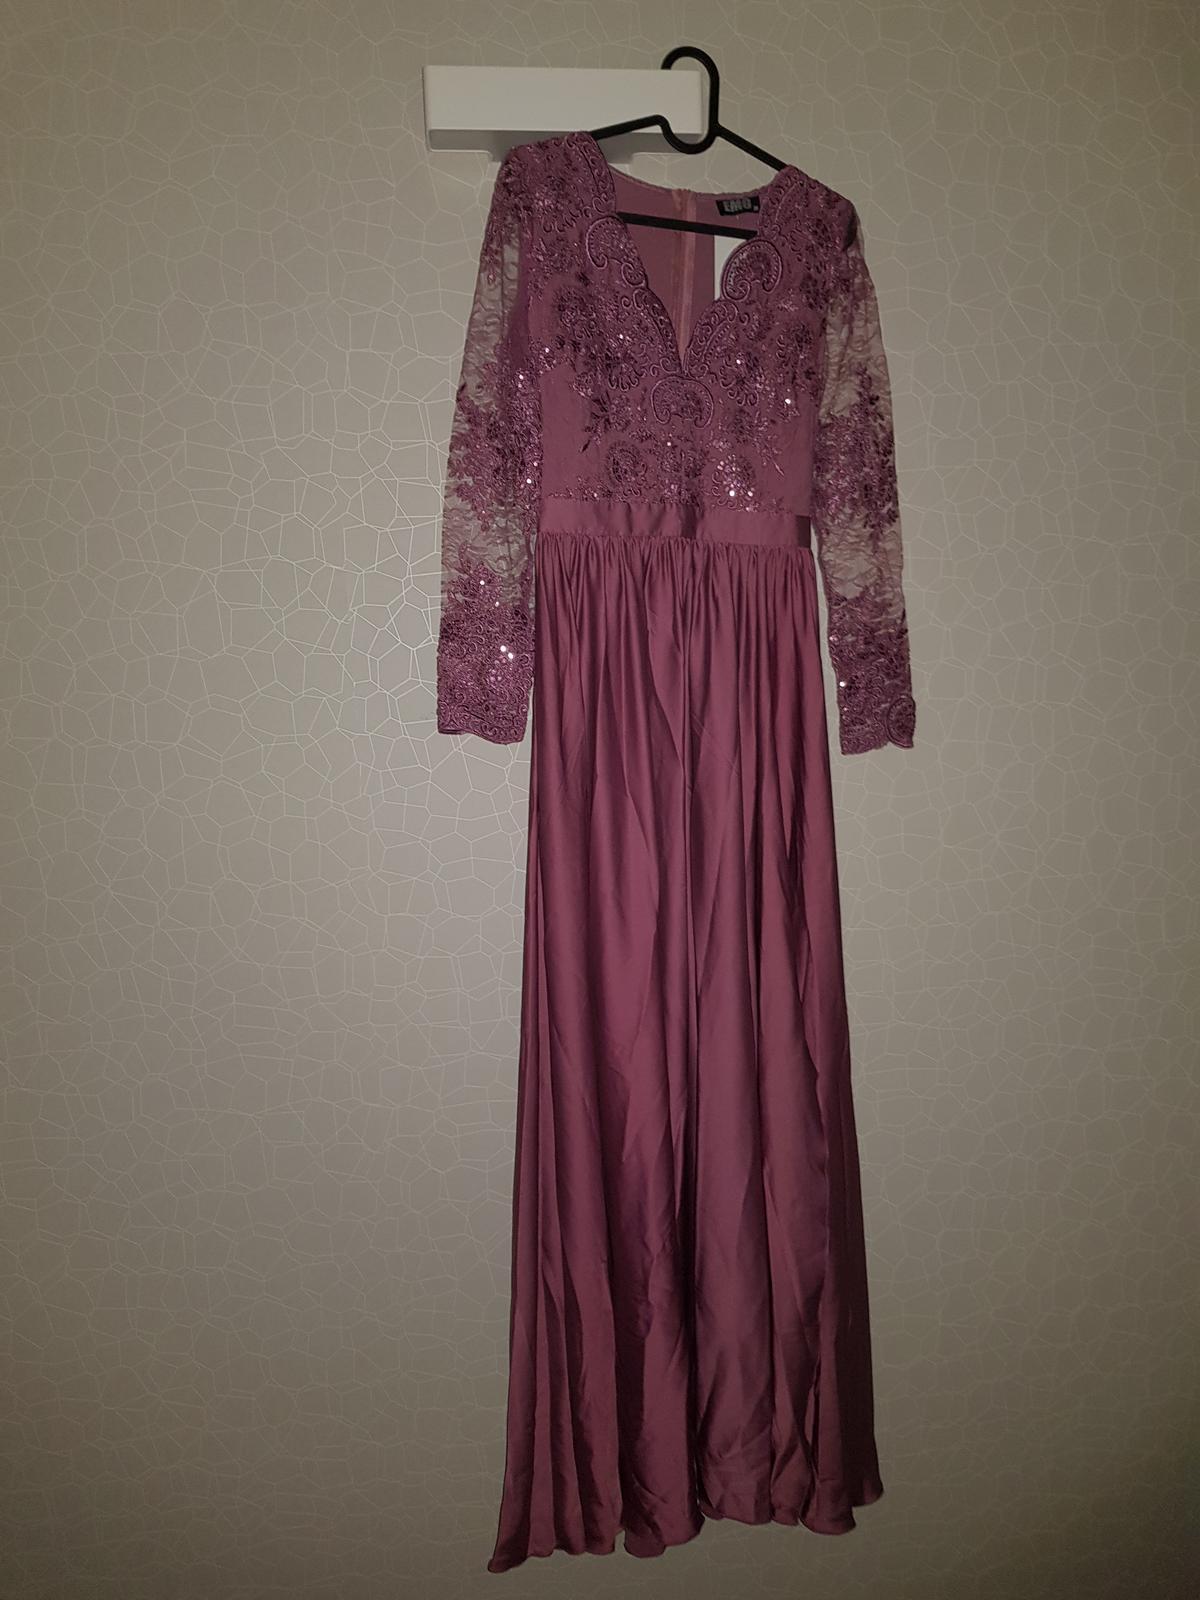 b04d1951d Spoločenské šaty dlhé čipkované luna , - 80 € | Svadobný bazár |  Mojasvadba.sk